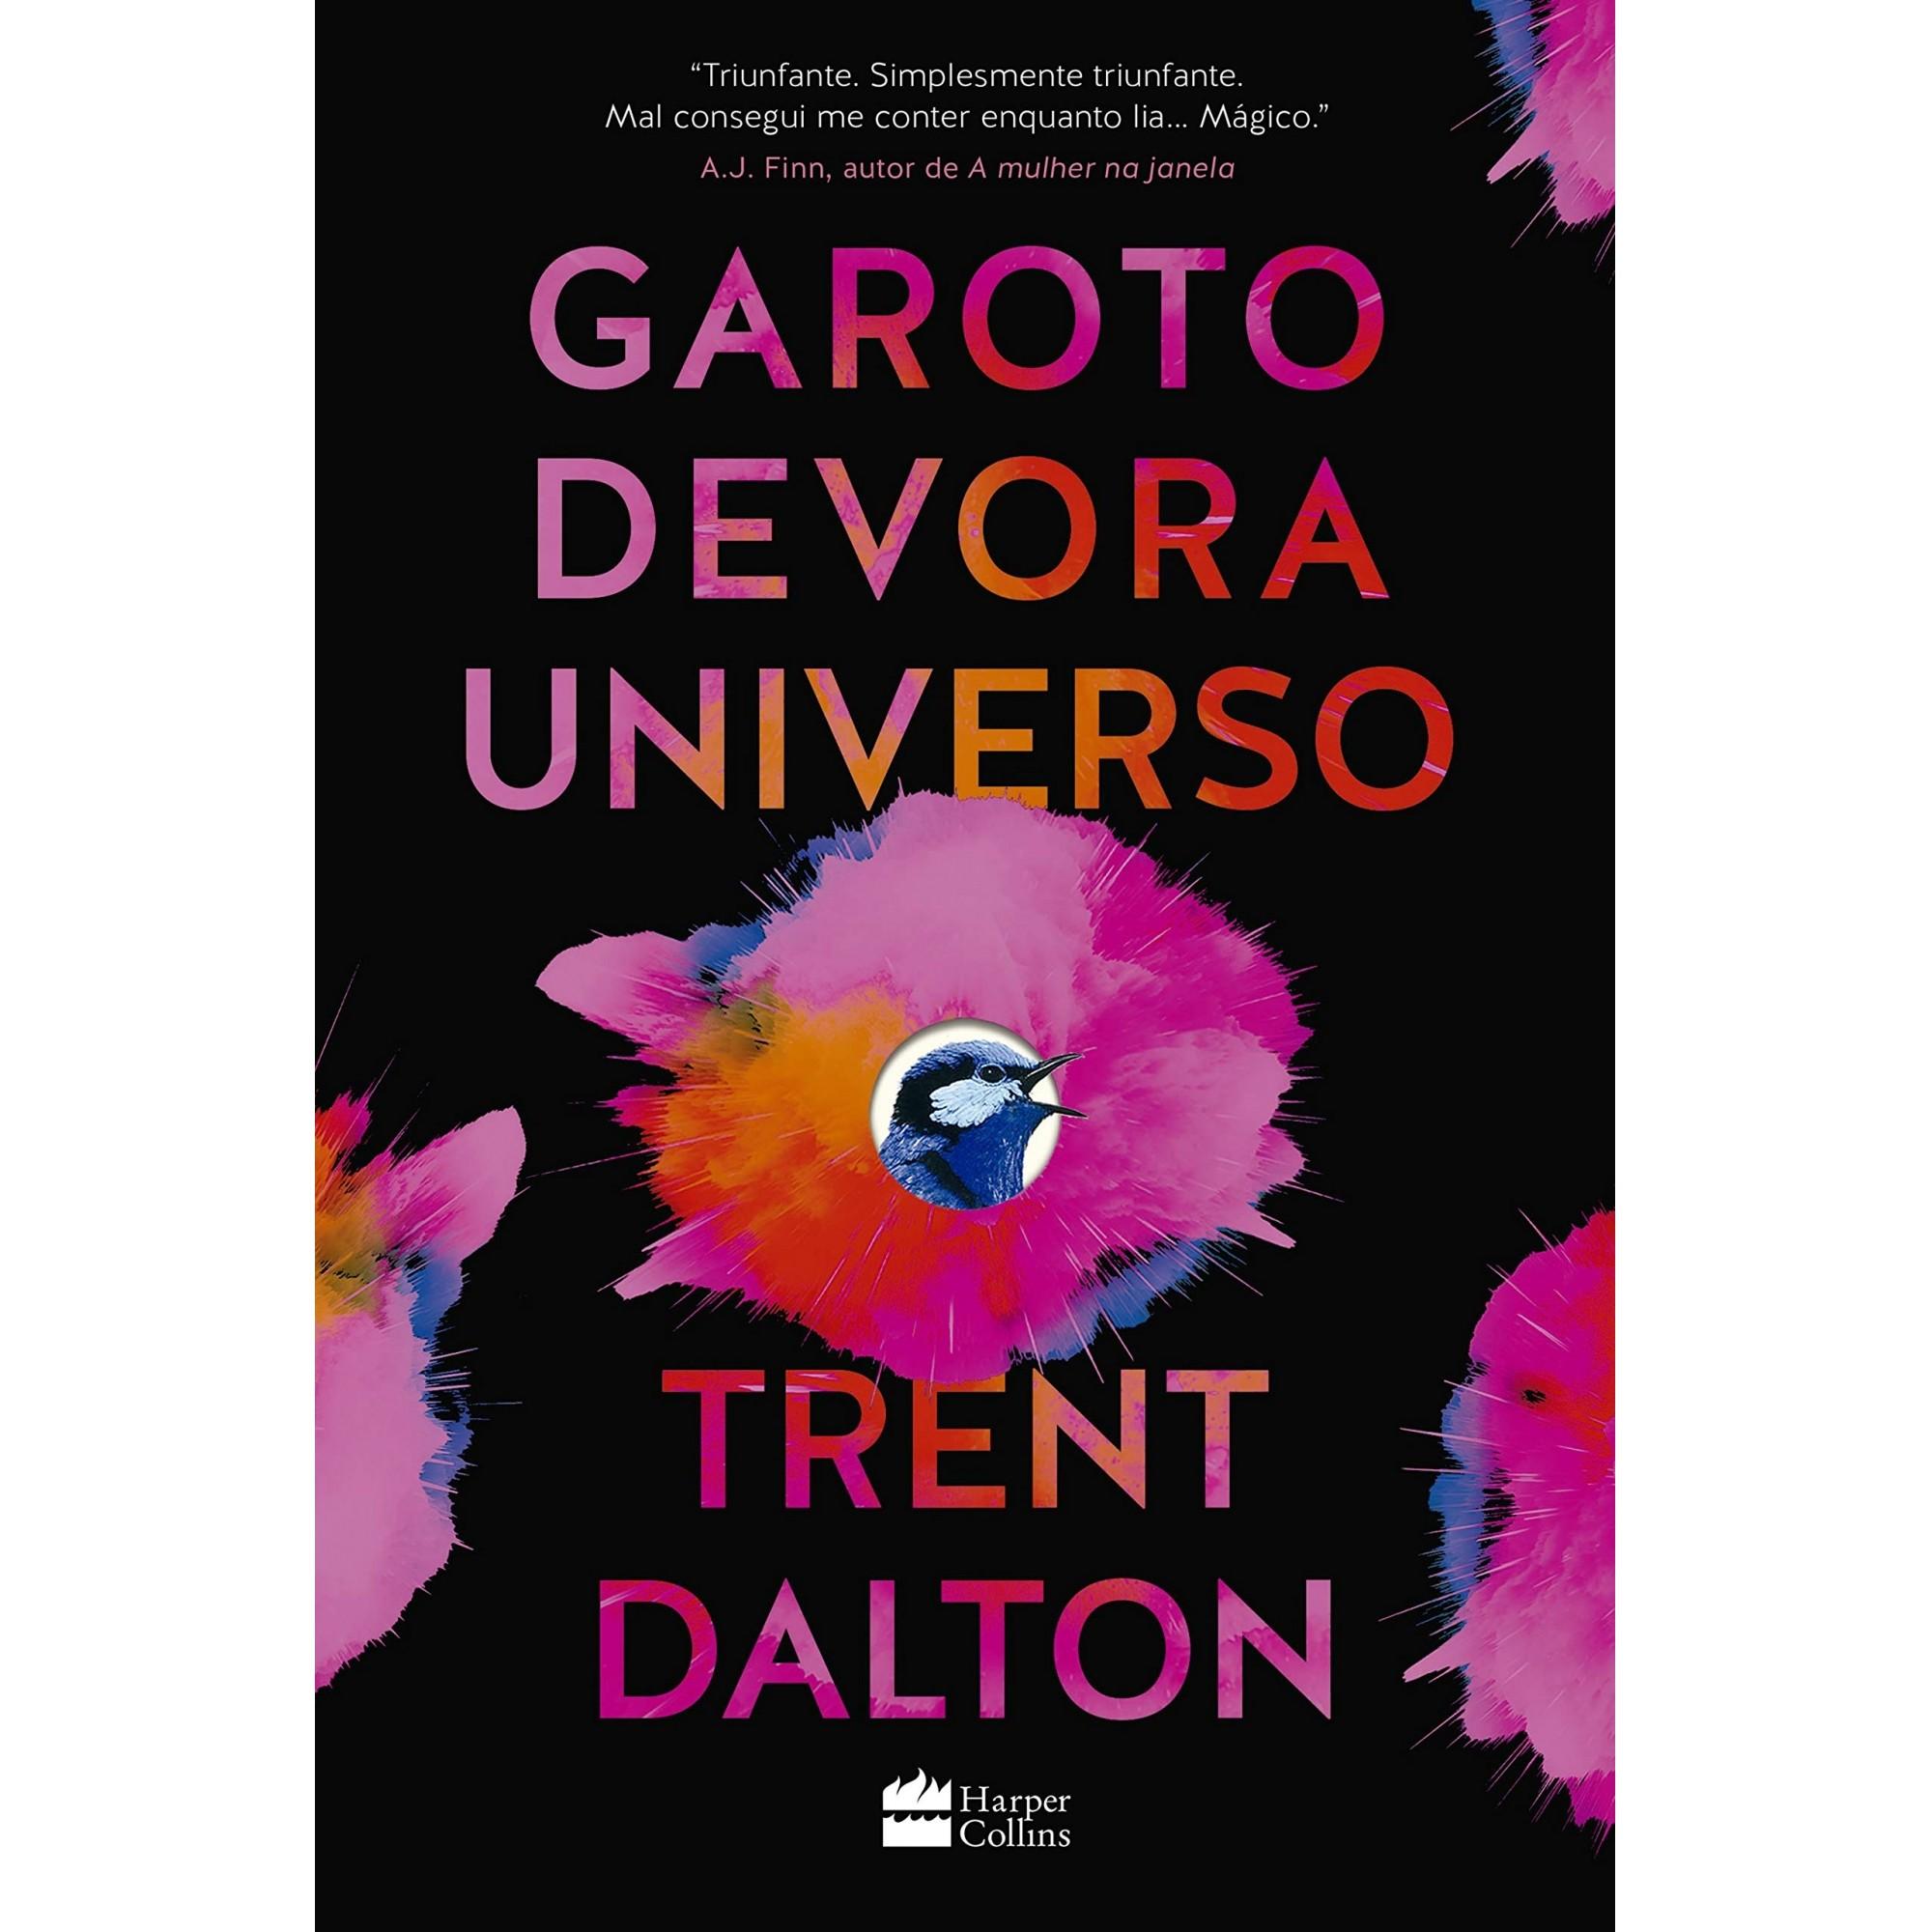 GAROTO DEVORA UNIVERSO